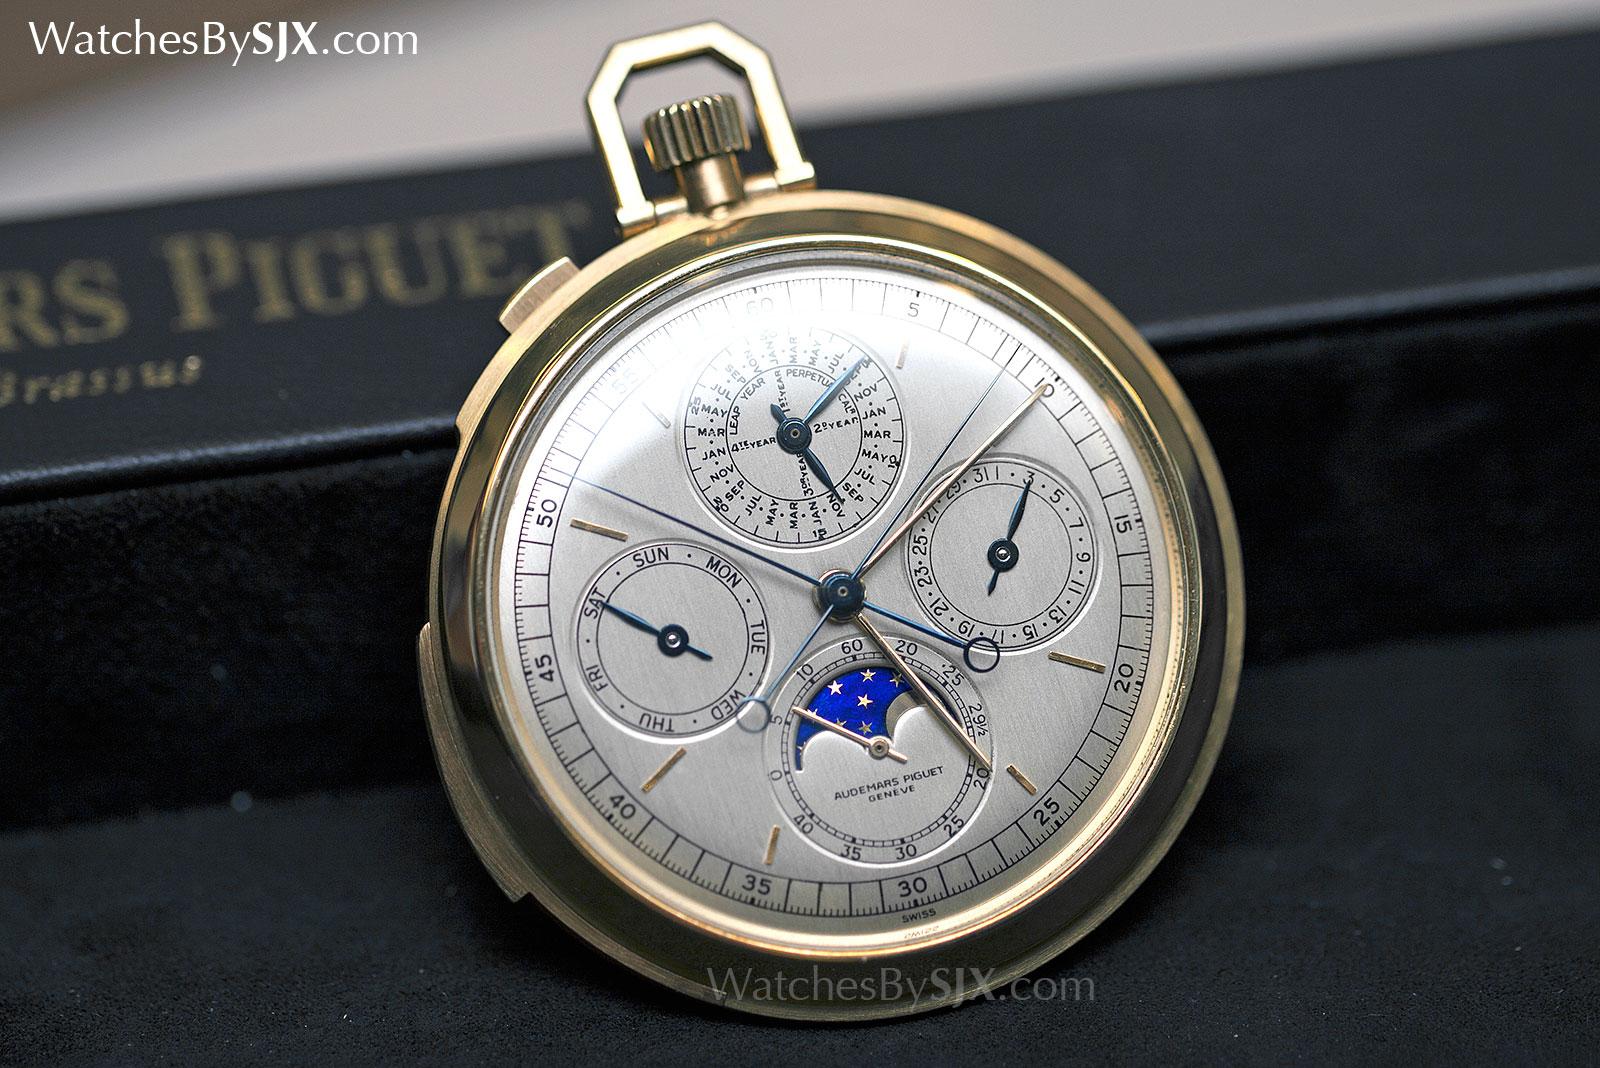 Audemars Piguet grand complication pocket watch c. 1970 4